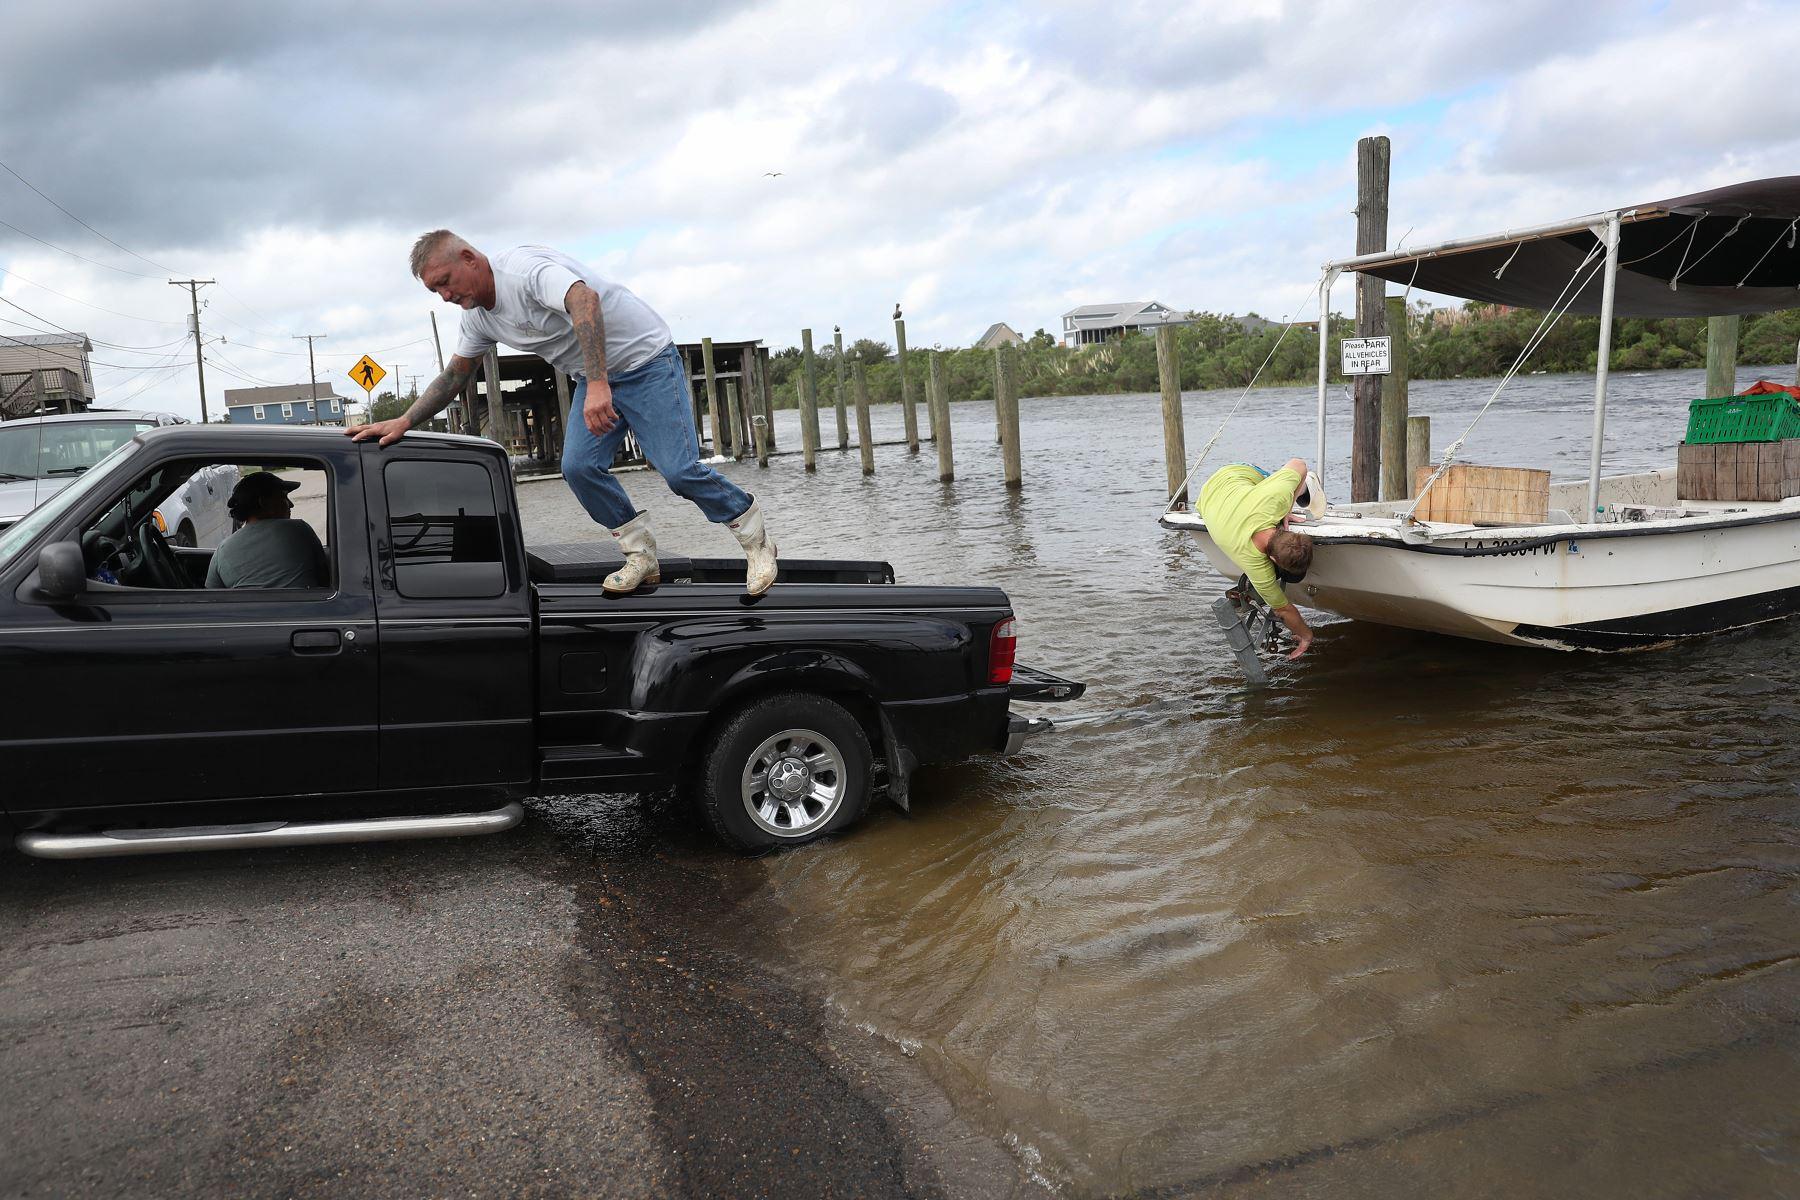 Dos personas intentan sacar su bote del agua antes de la posible llegada del huracán Sally en Shell Beach, Louisiana. Foto: AFP